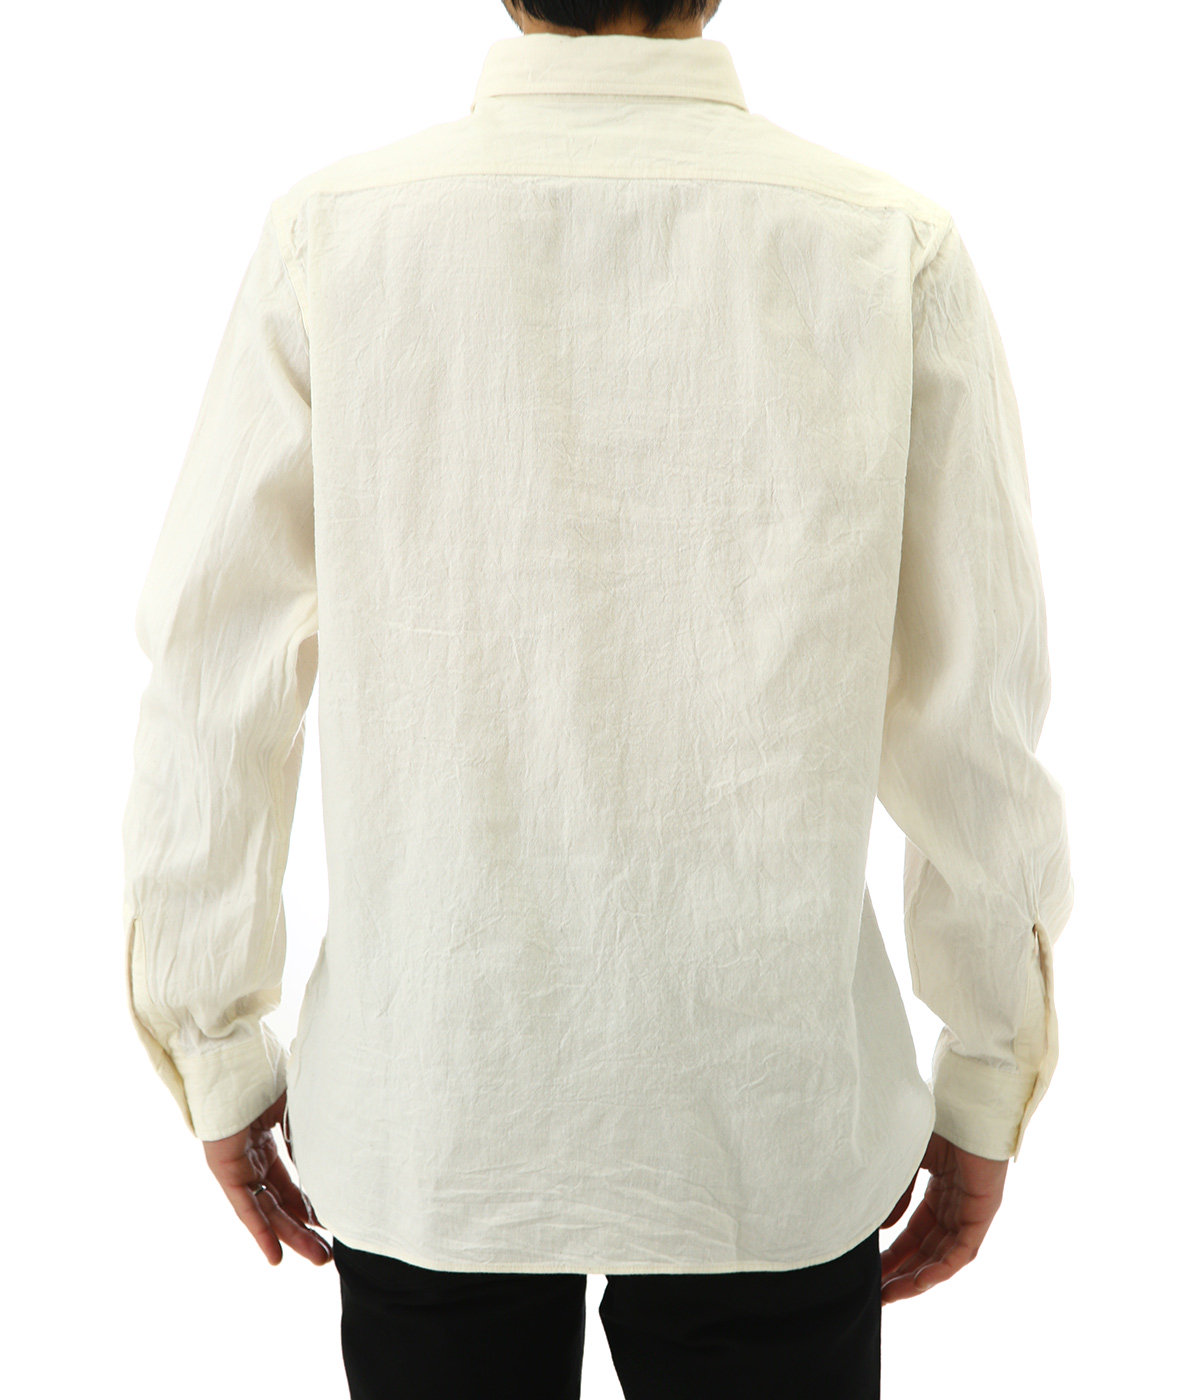 WHITE CHAMBRAY WORK SHIRT